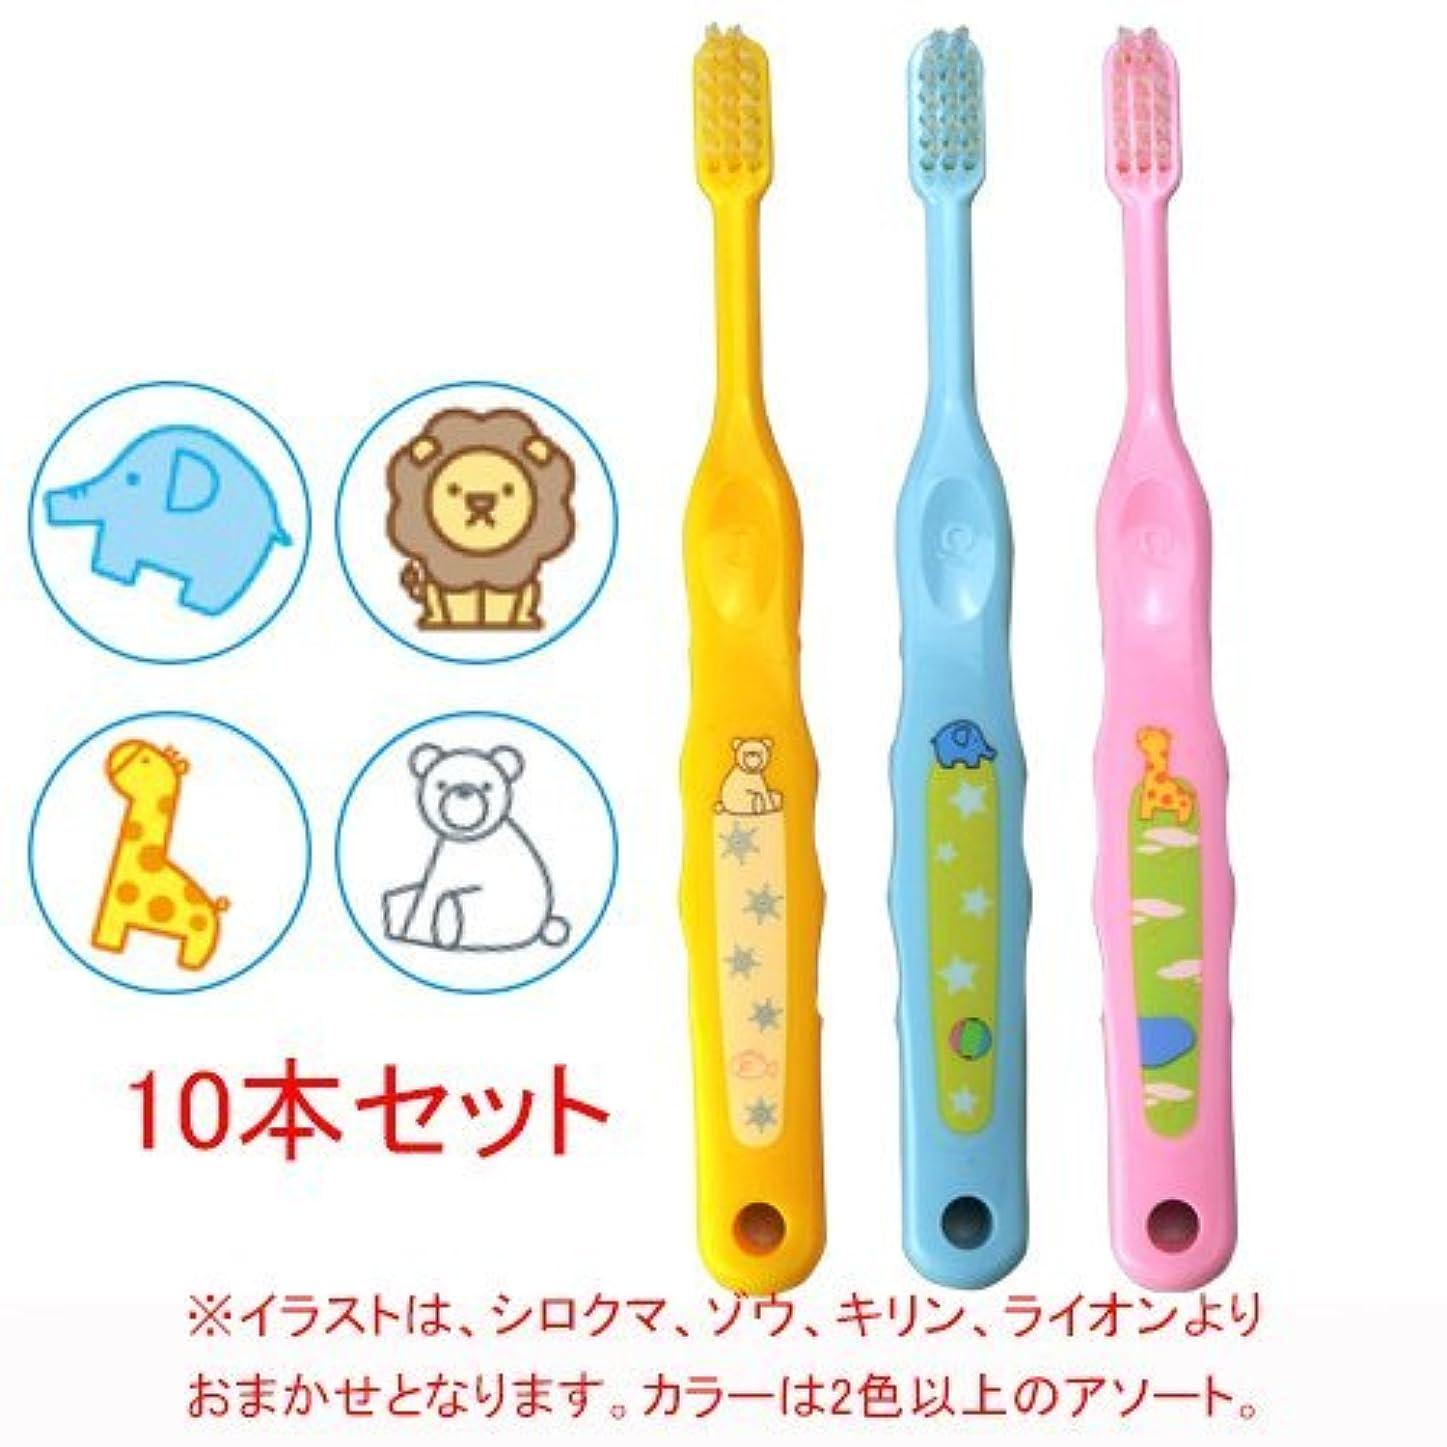 振動する説得分散Ciメディカル Ci なまえ歯ブラシ 502 (ふつう) (乳児~小学生向)10本